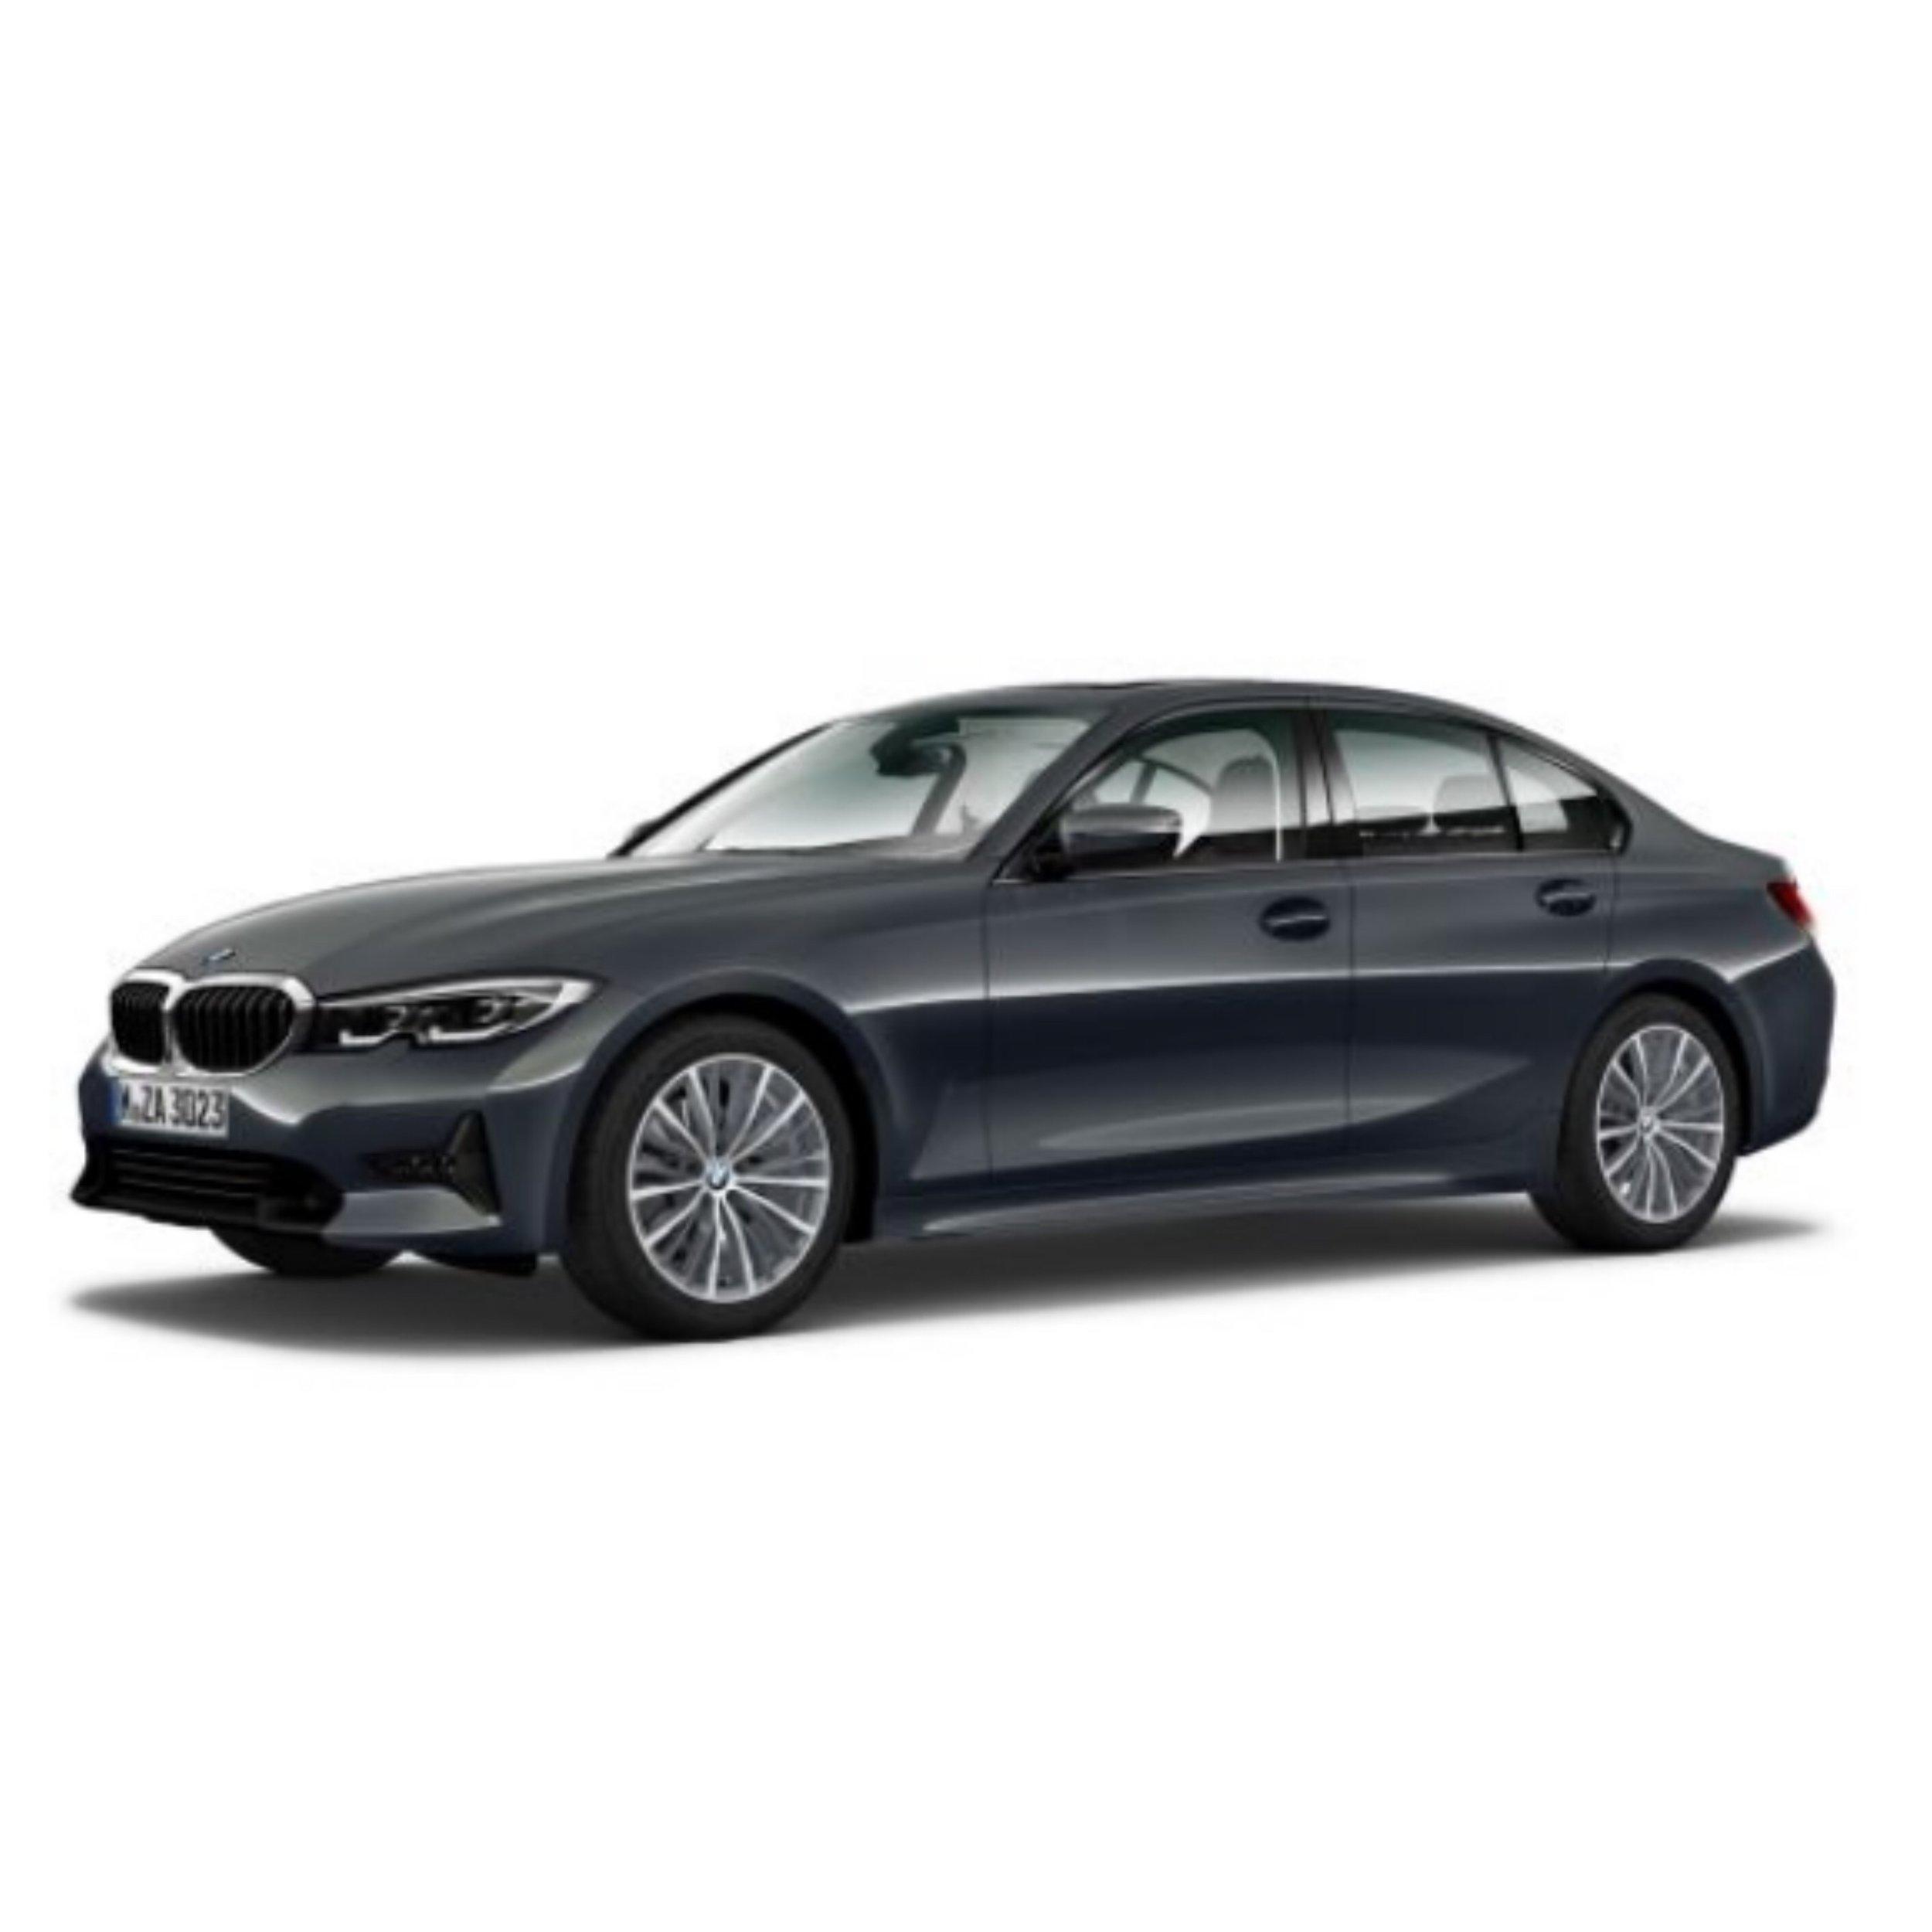 BMW 320d Limousine (258 PS)445,00€ / Monat - *Nur Gewerbekunden*alle Werte zzgl. der jeweiligen Umsatzsteuer